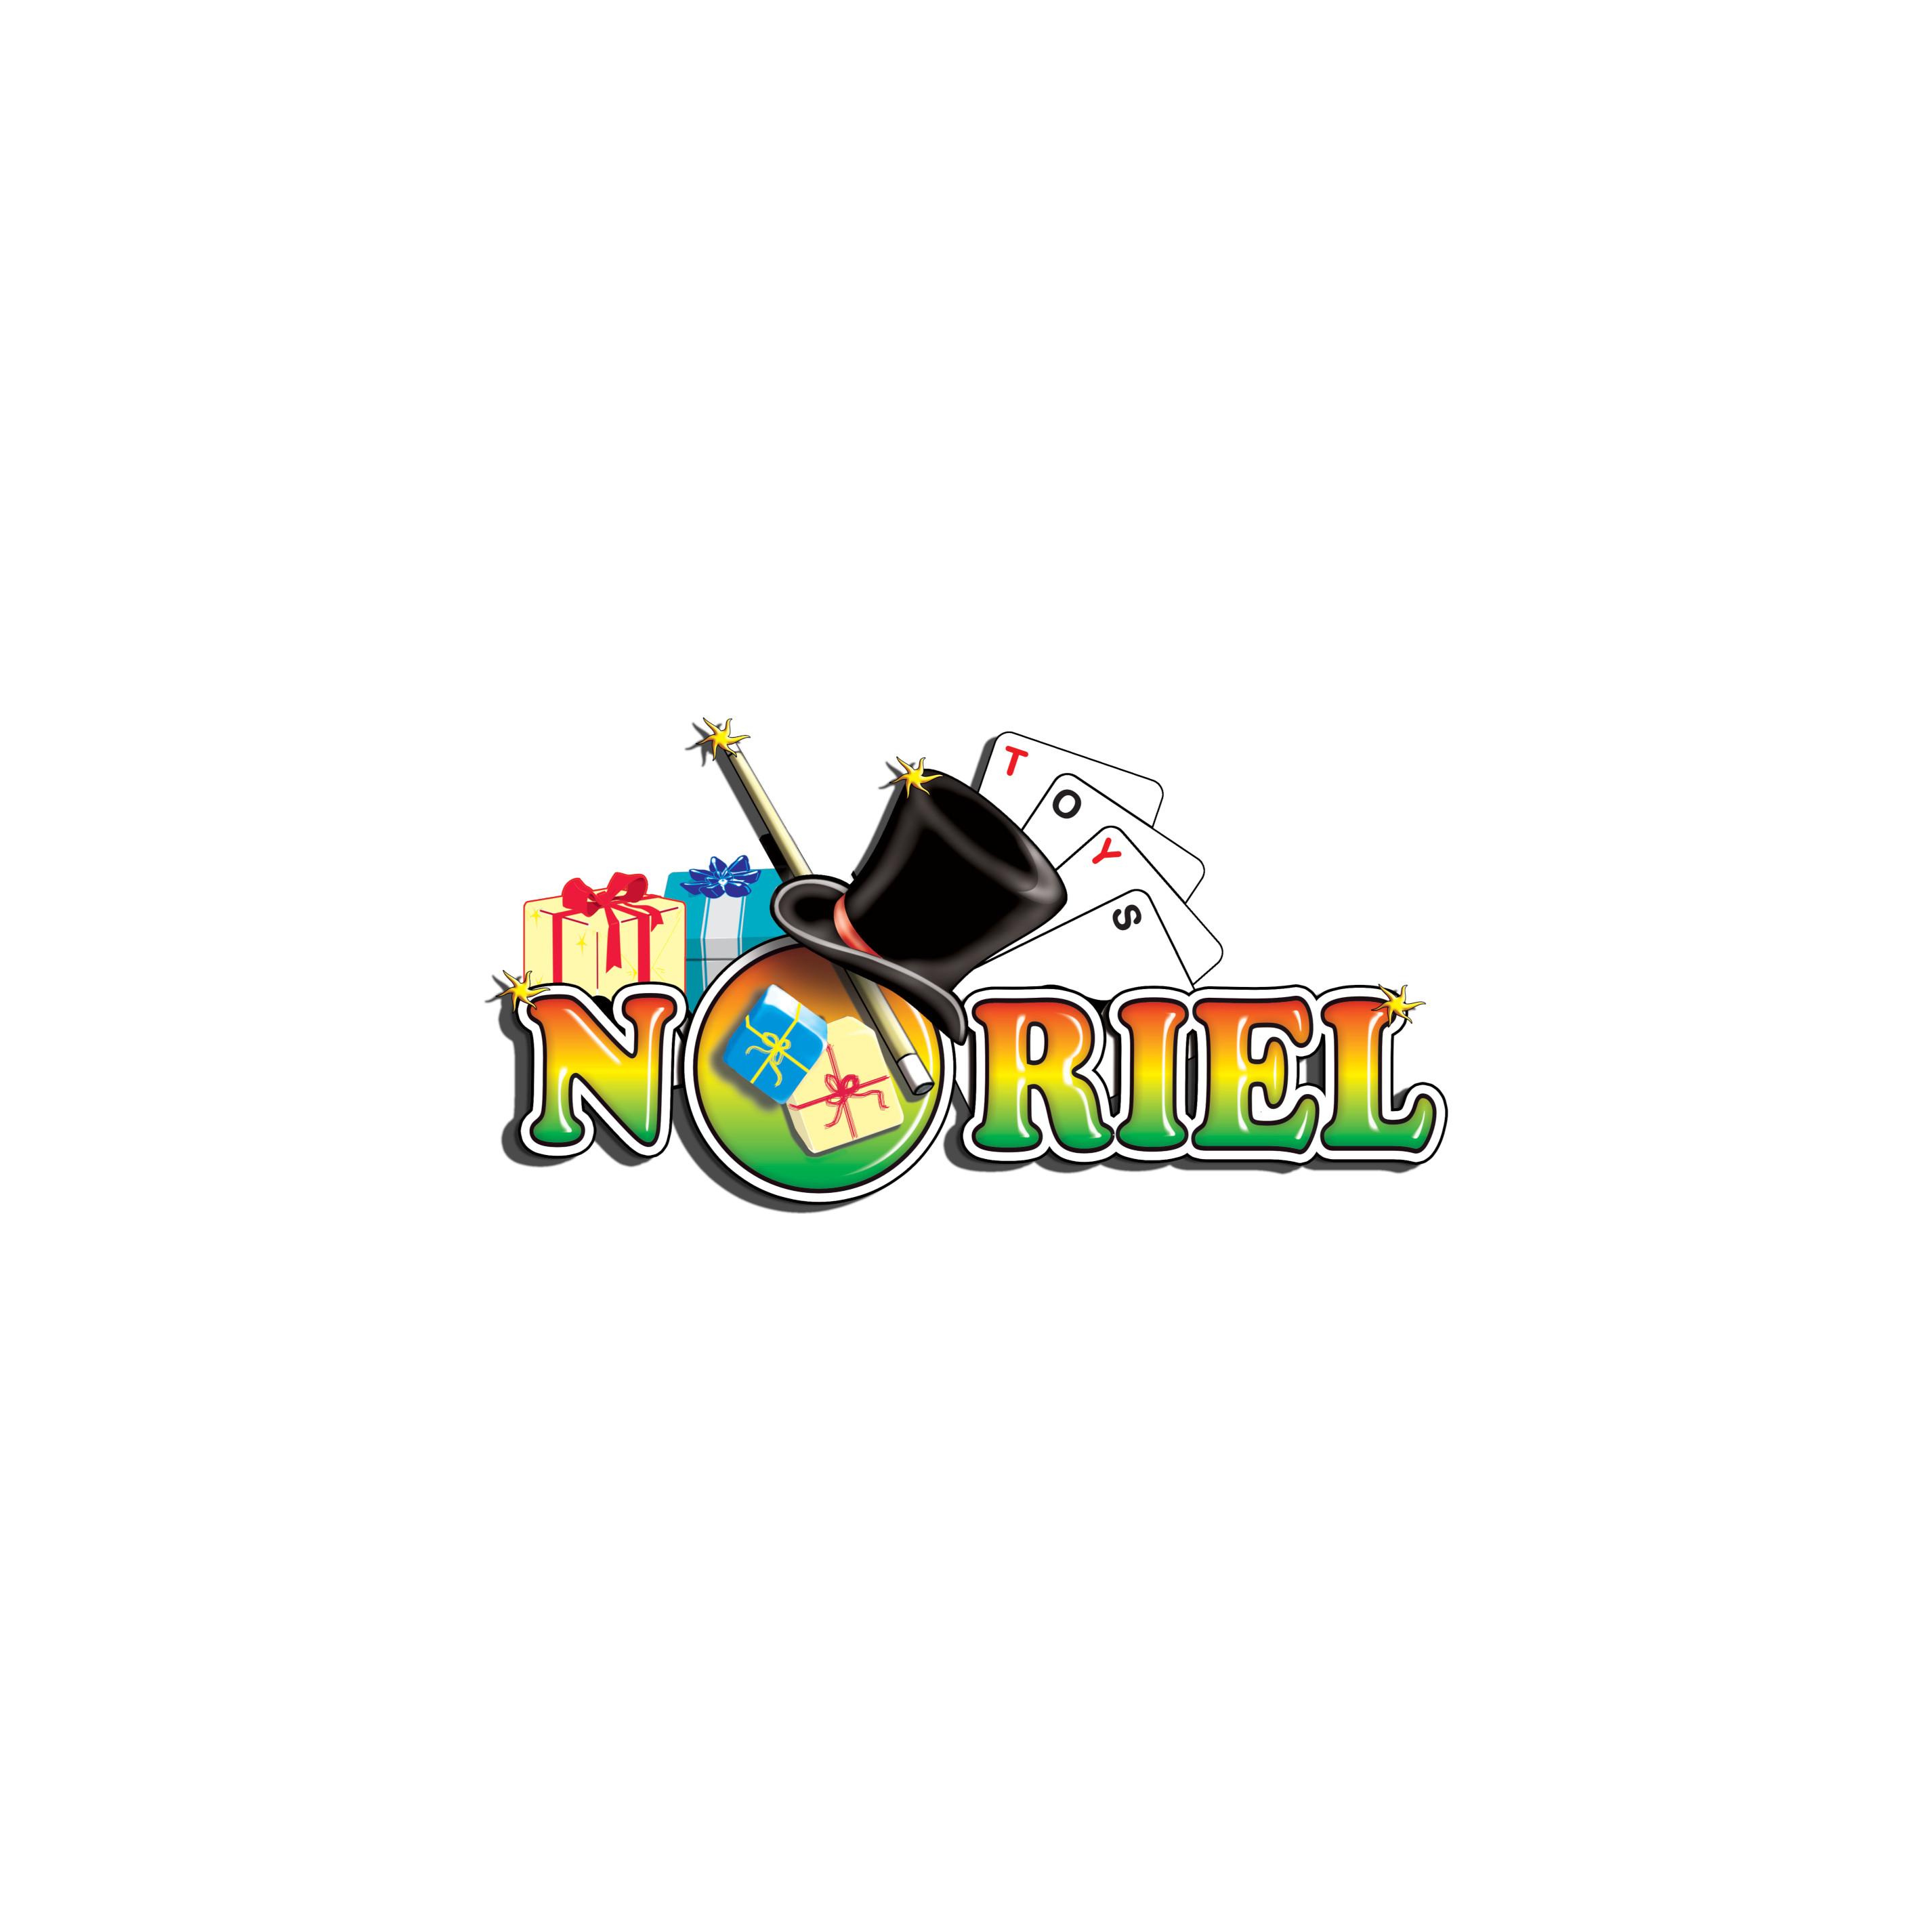 CPBPML161_001w Carte Editura Litera, Iepurele si borcanul cu miere, Poveste cu pictograme